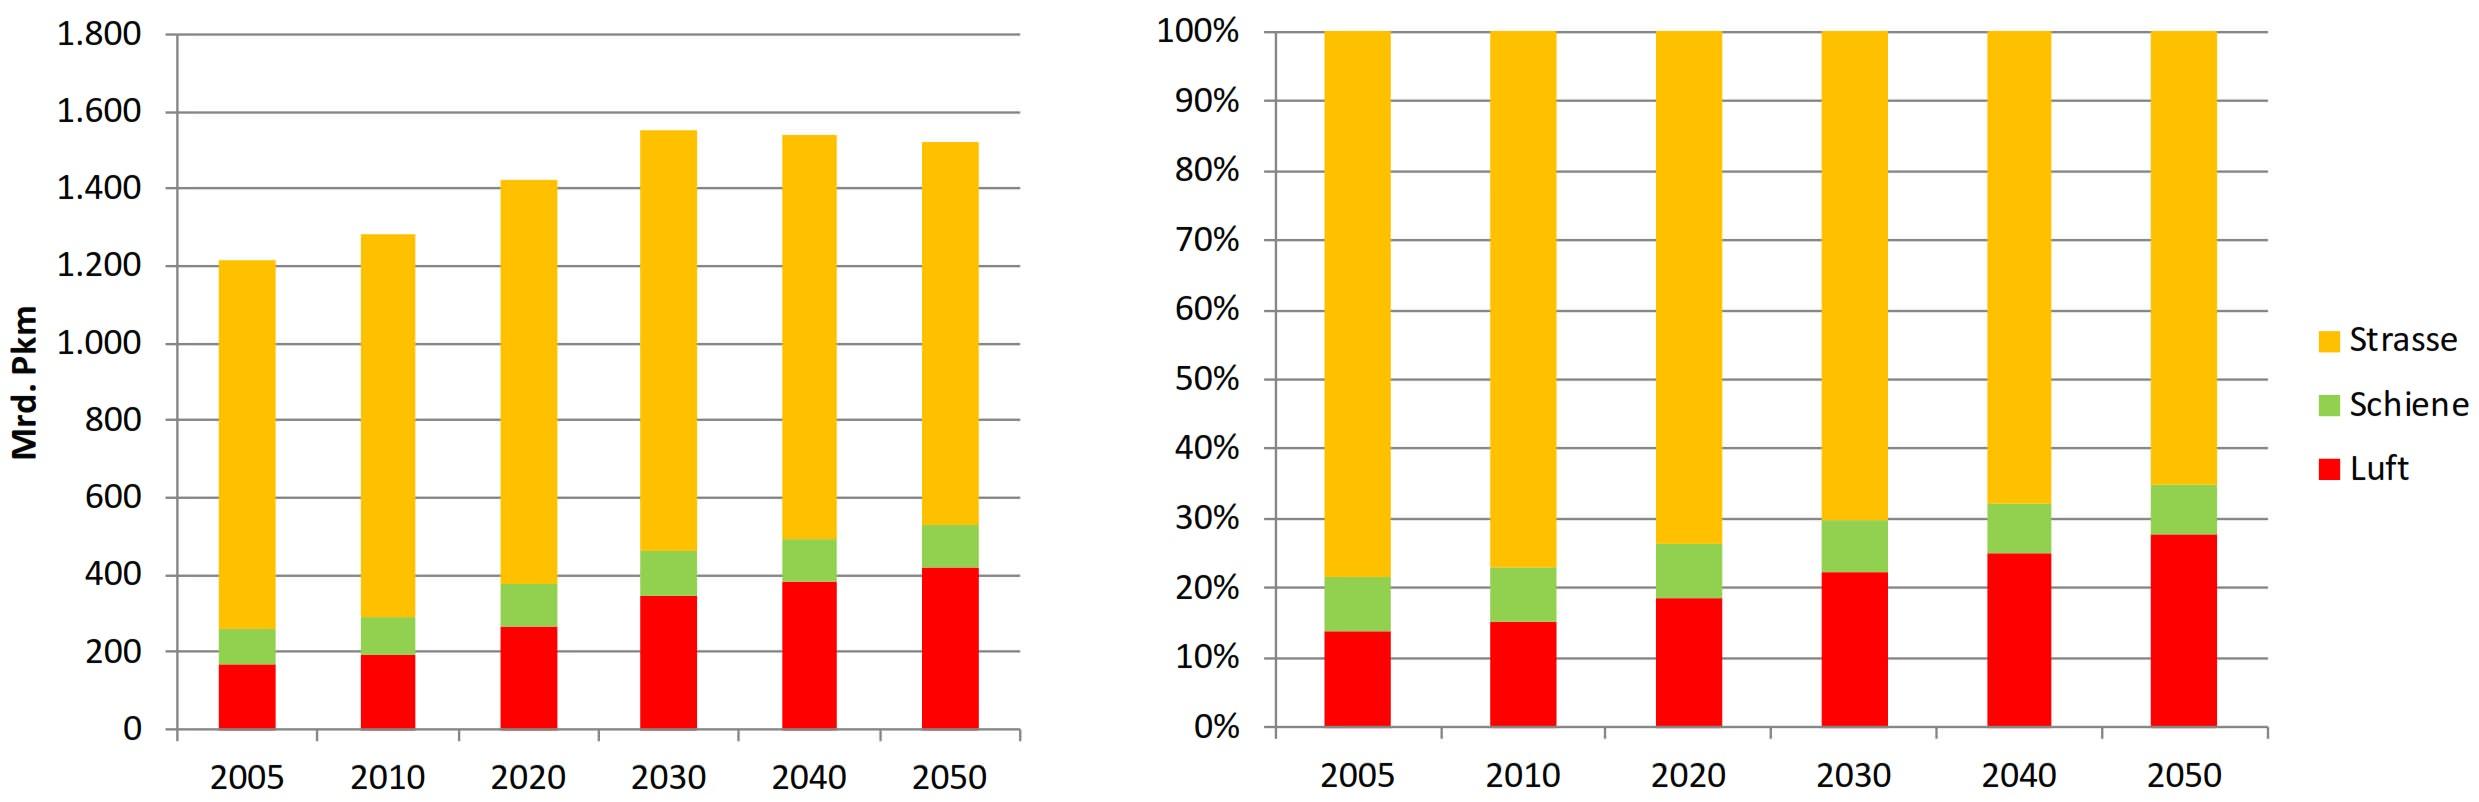 Entwicklung Personenverkehrsaufkommen und Modal Split 2005 bis 2050 Verkehr